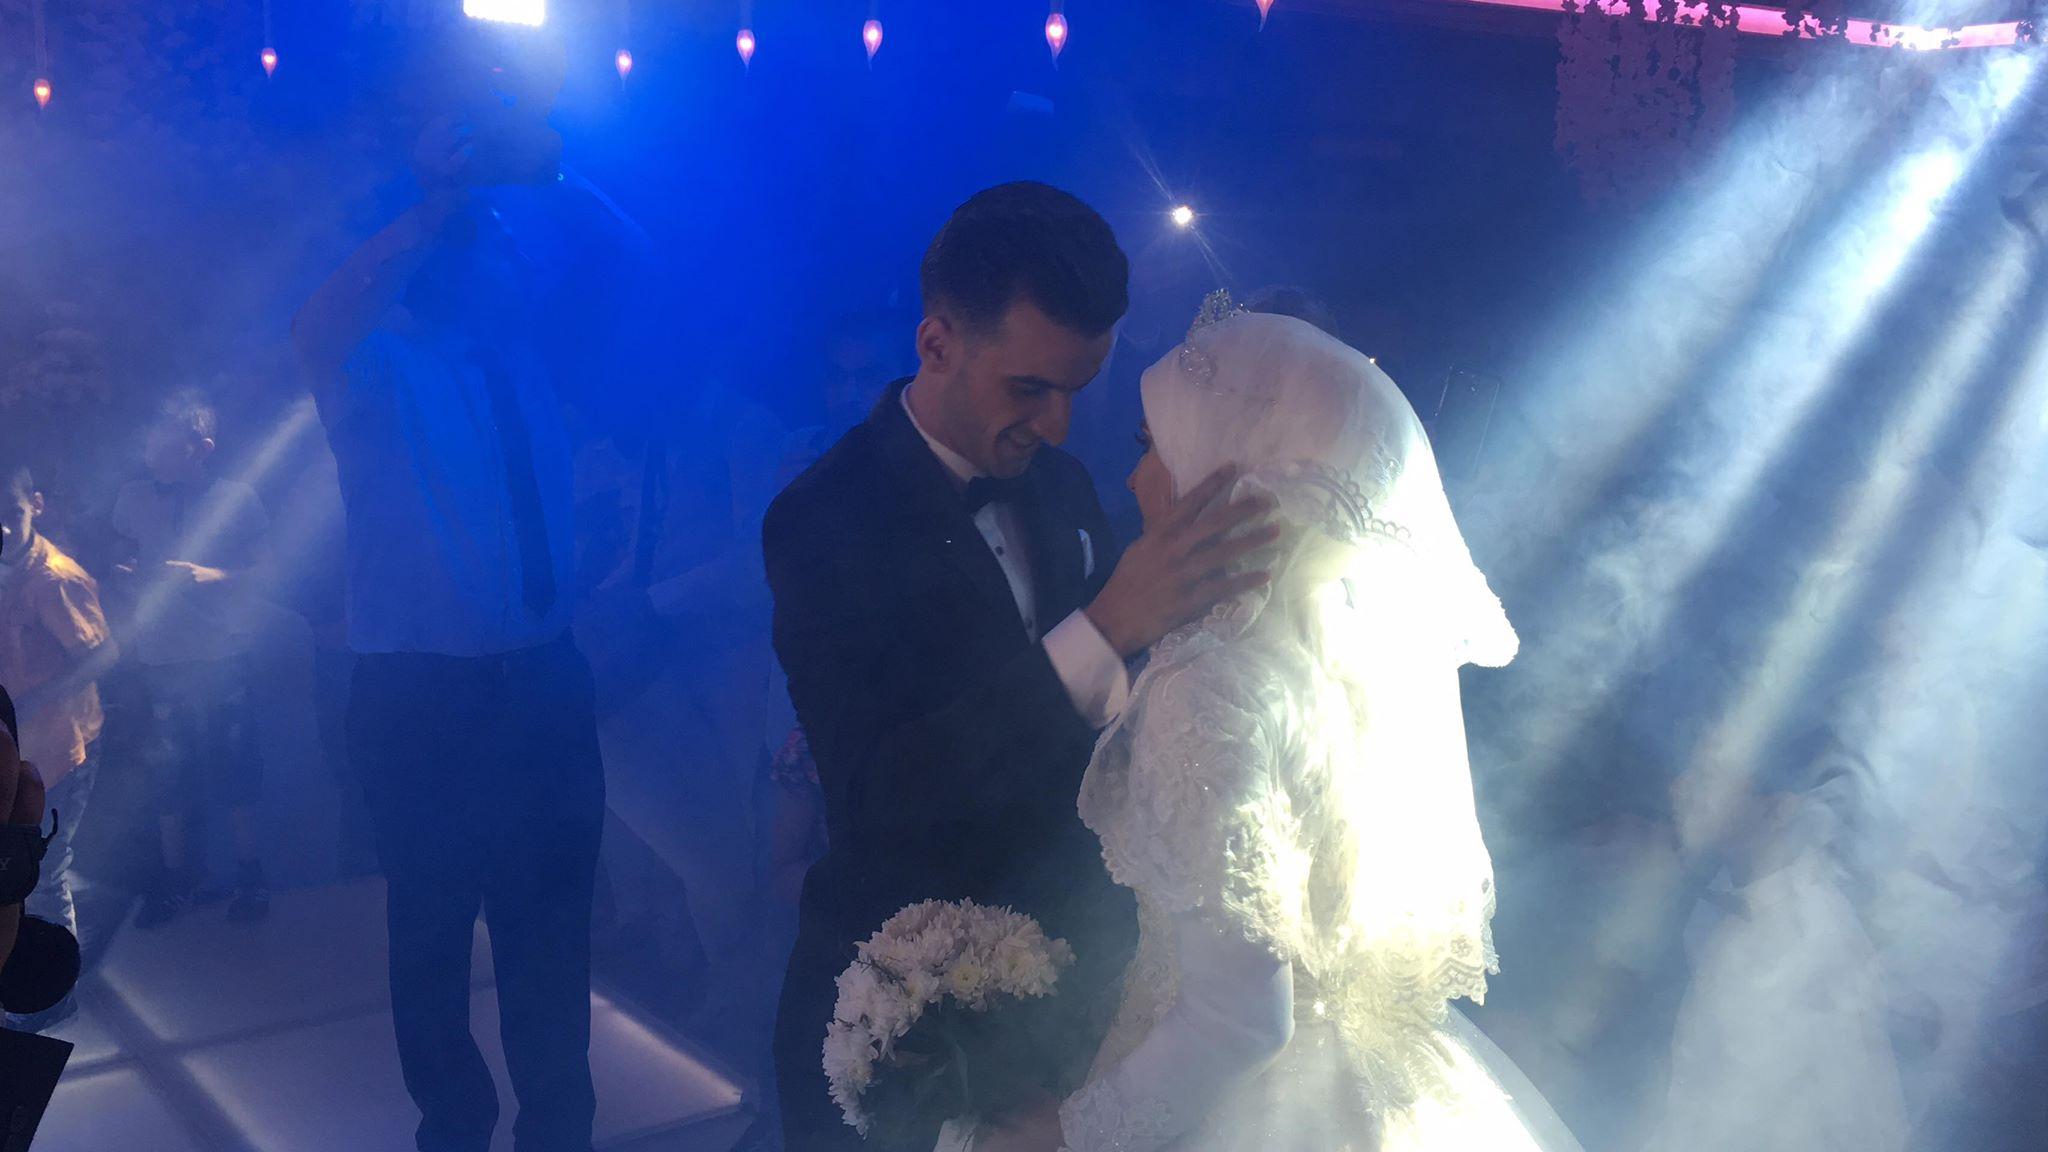 دونجا يحتفل بحفل زفافه (11)